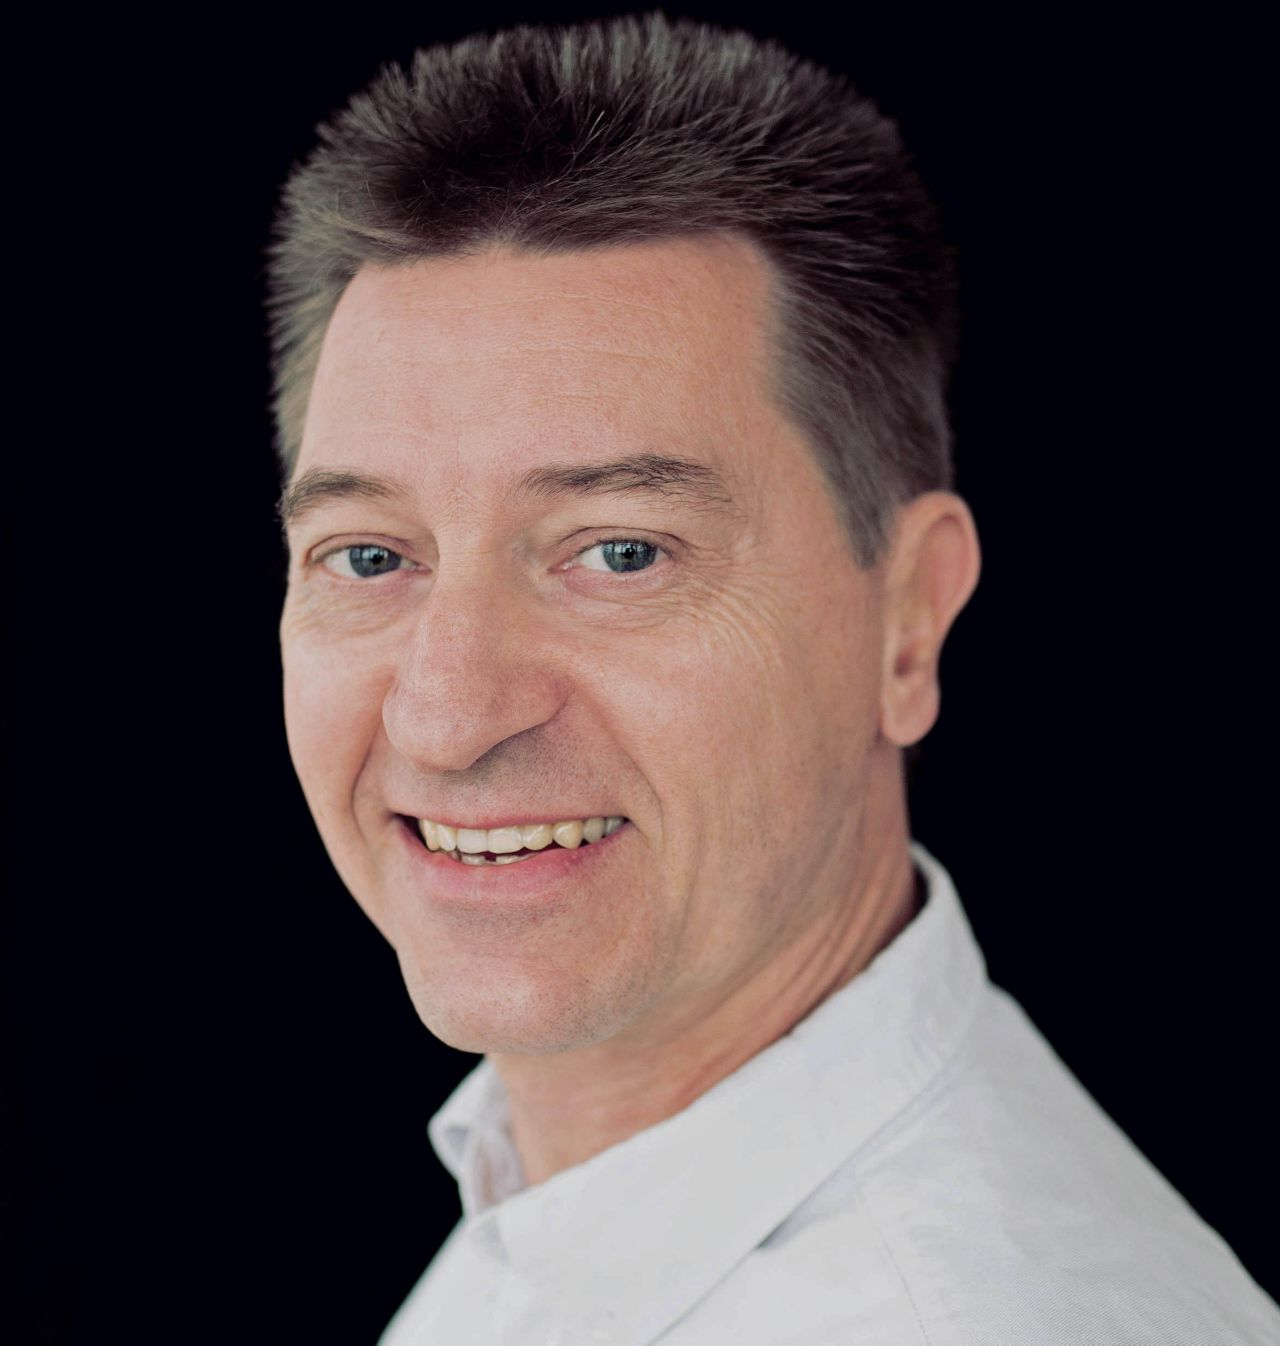 Heinz Meier Portrait